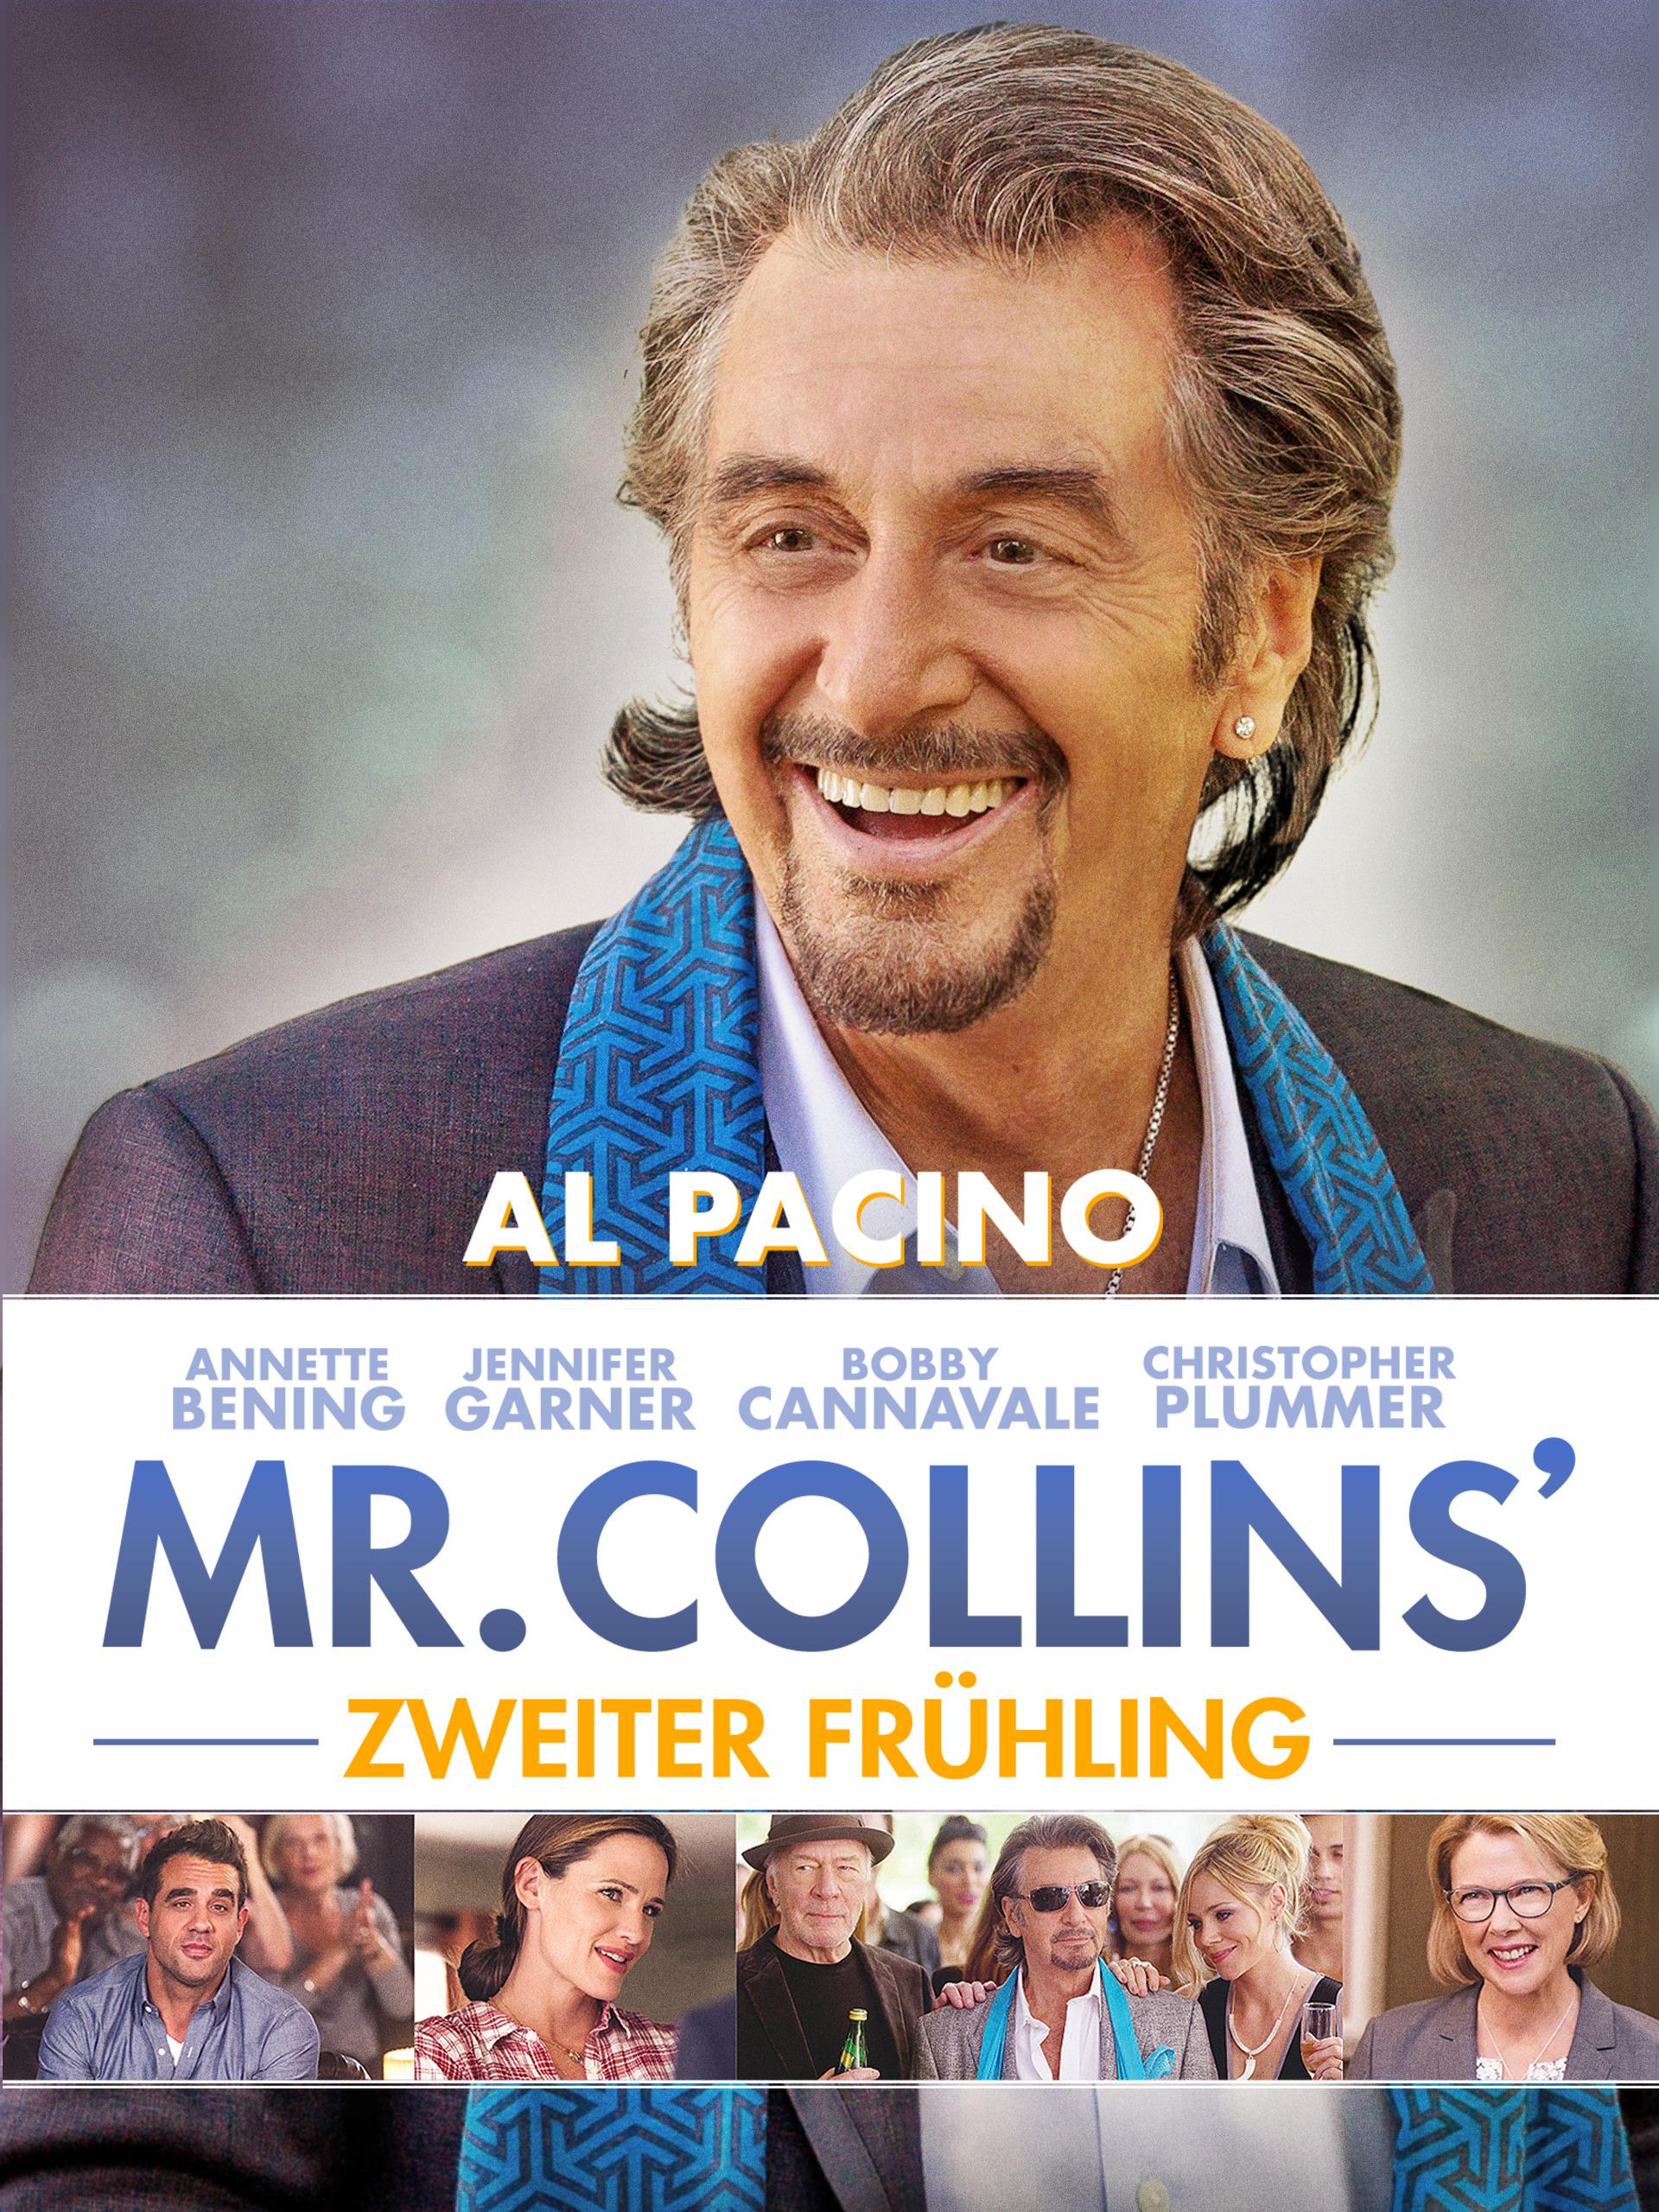 """ServusTV - """"Mr. Collins' zweiter Frühling"""" mit Al Pacino kostenlos im Stream (bzw. zum Download)"""